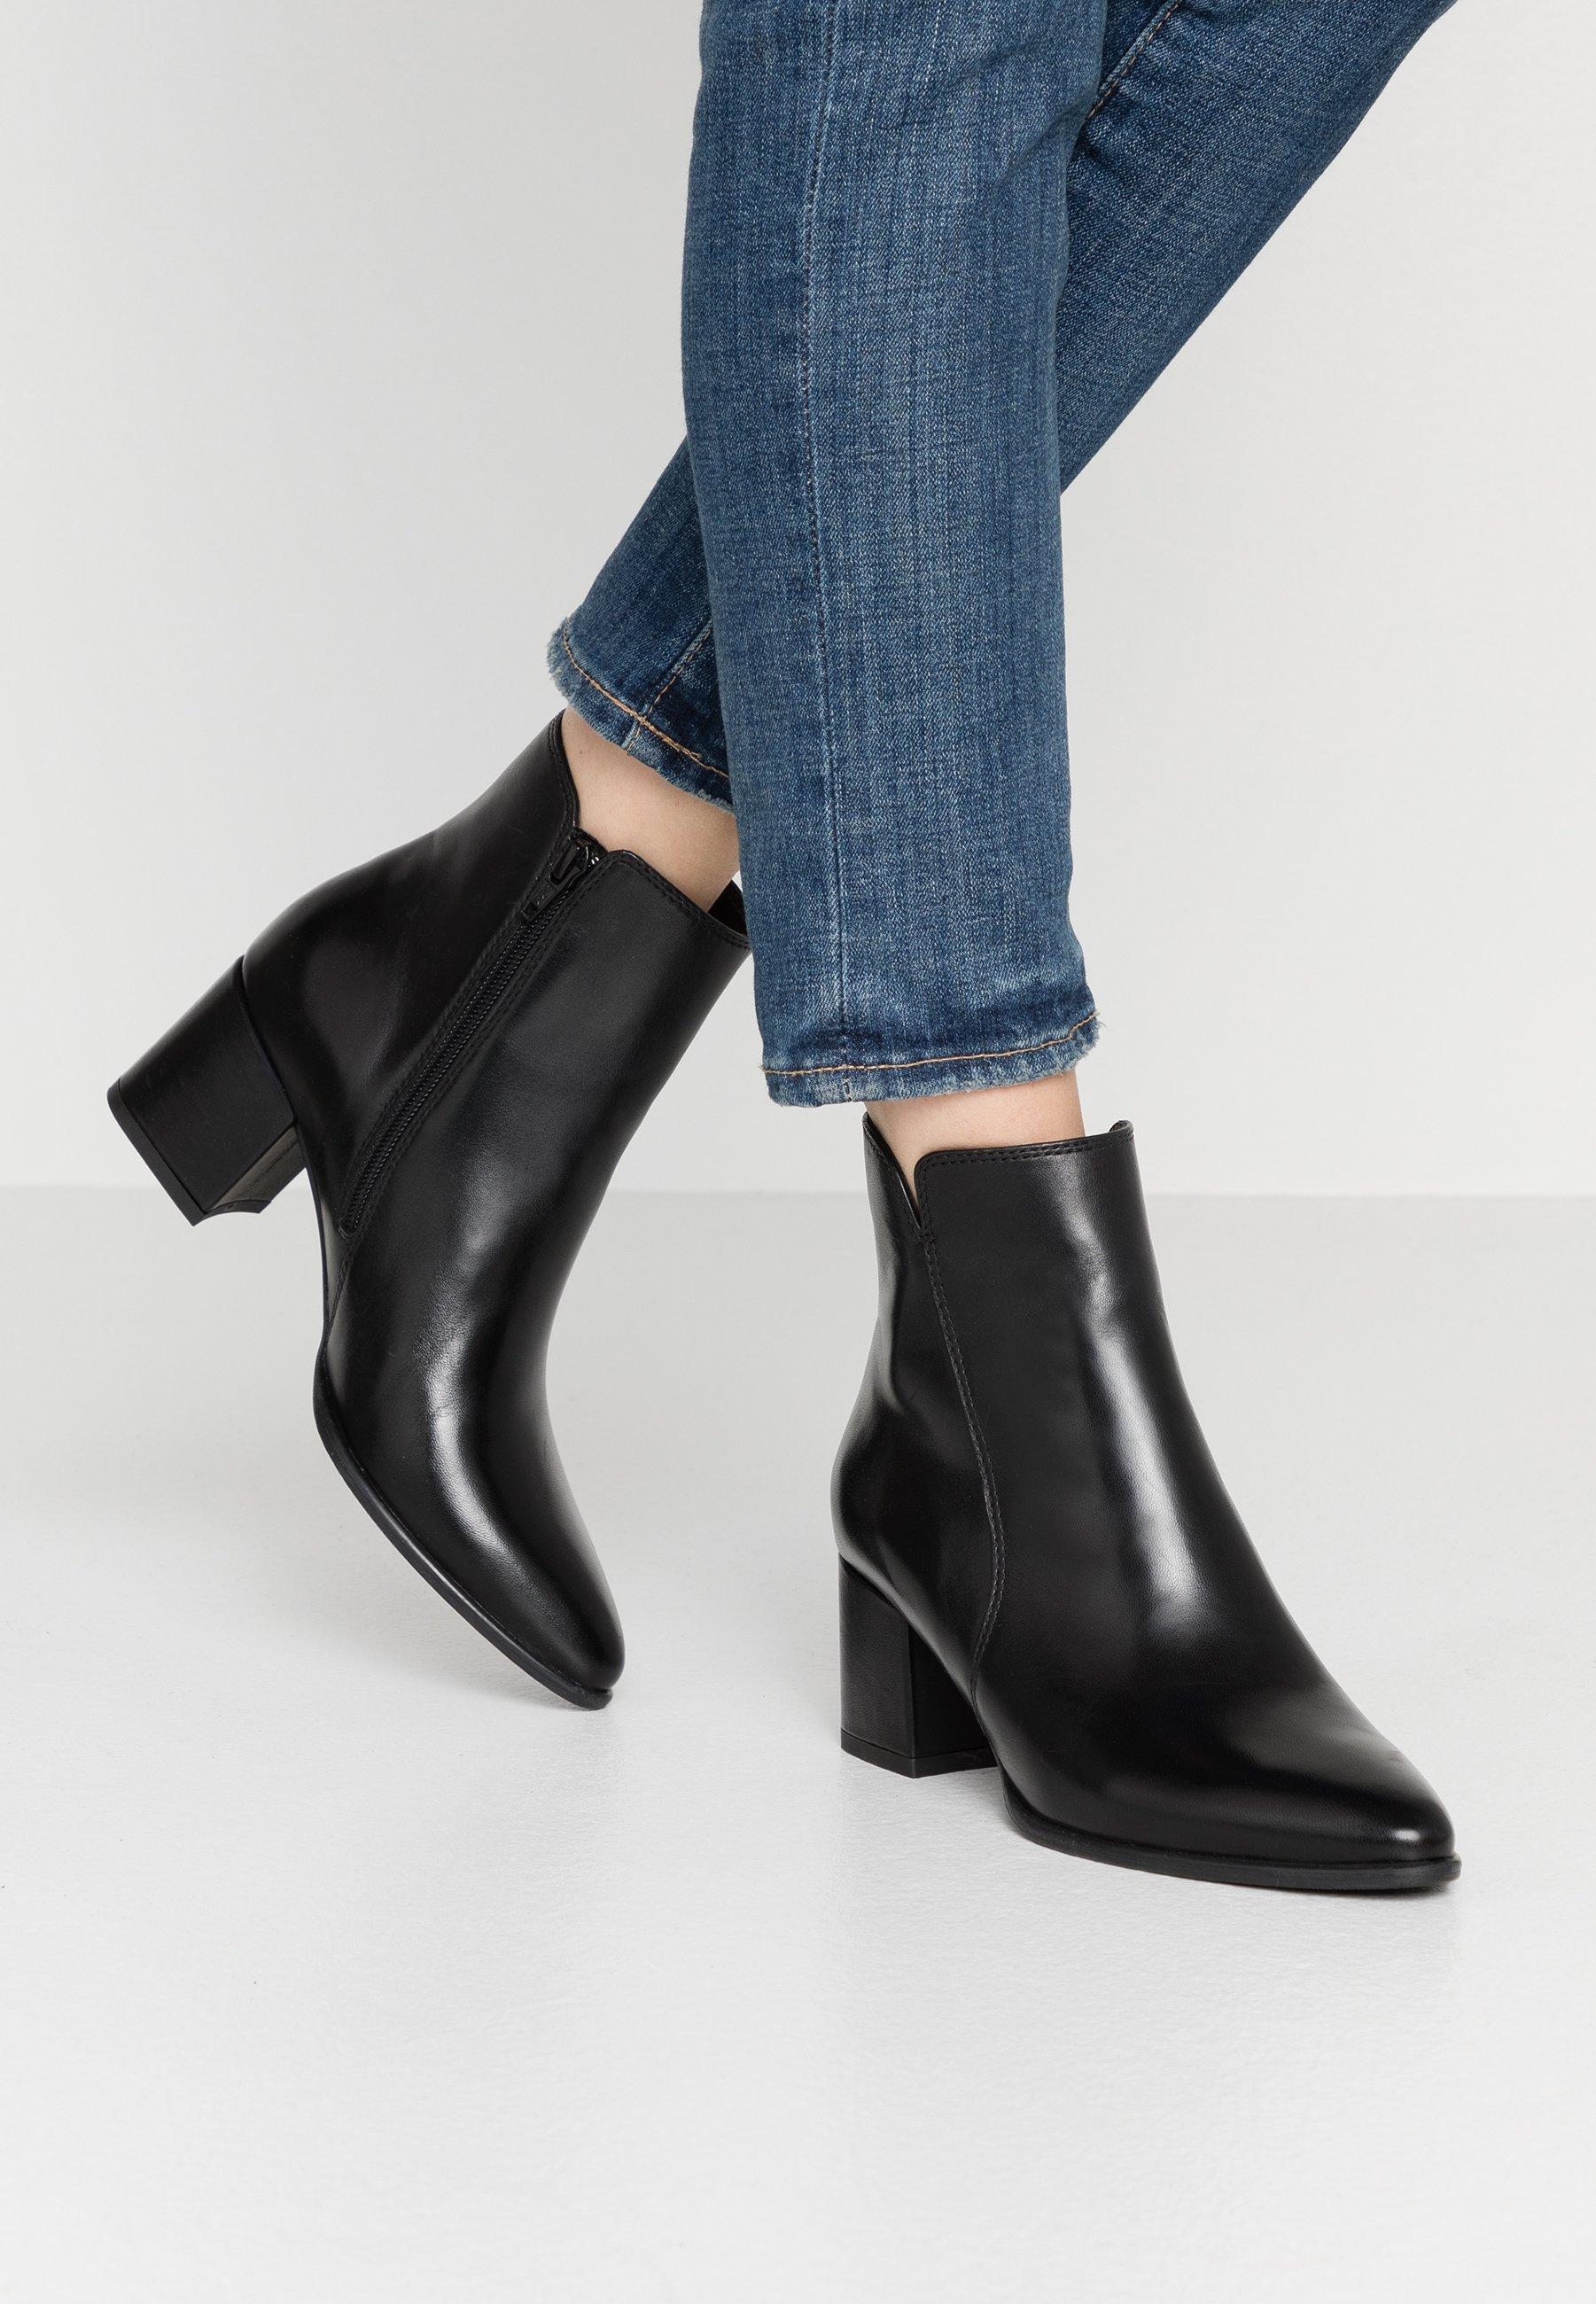 Ankelstøvletter | Sko til Dame | Sko og støvletter på nett